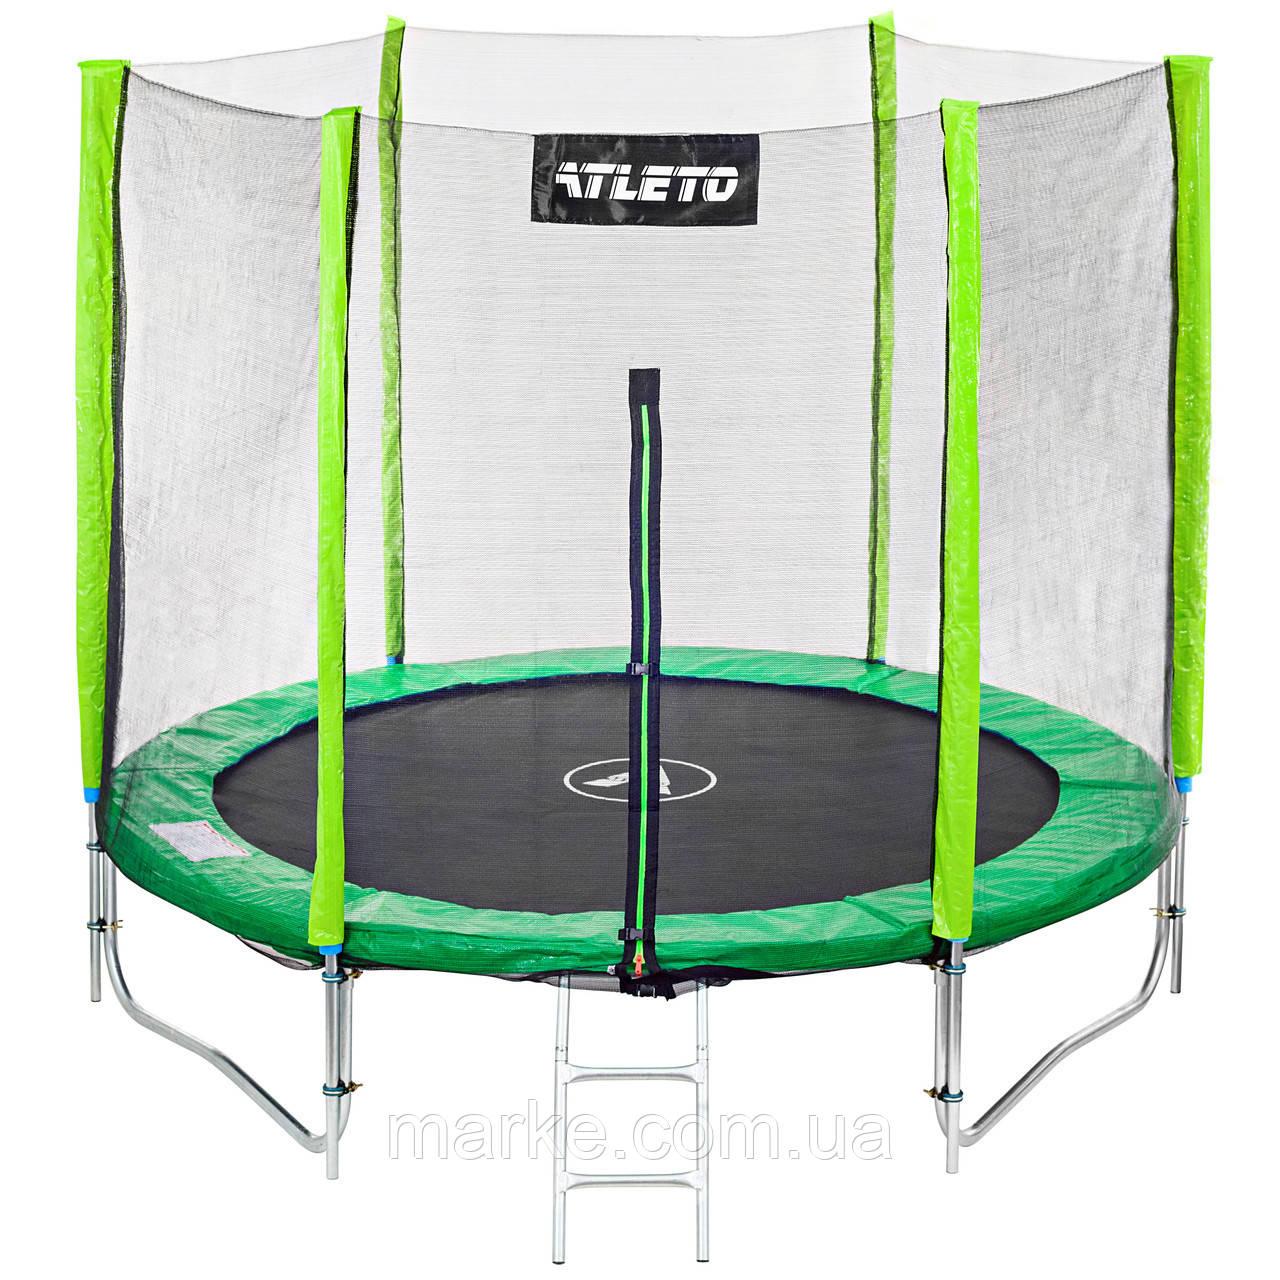 Батут Атлето зелёный 312см 10ft диаметр с внешней сеткой ДВОЙНЫЕ НОЖКИ